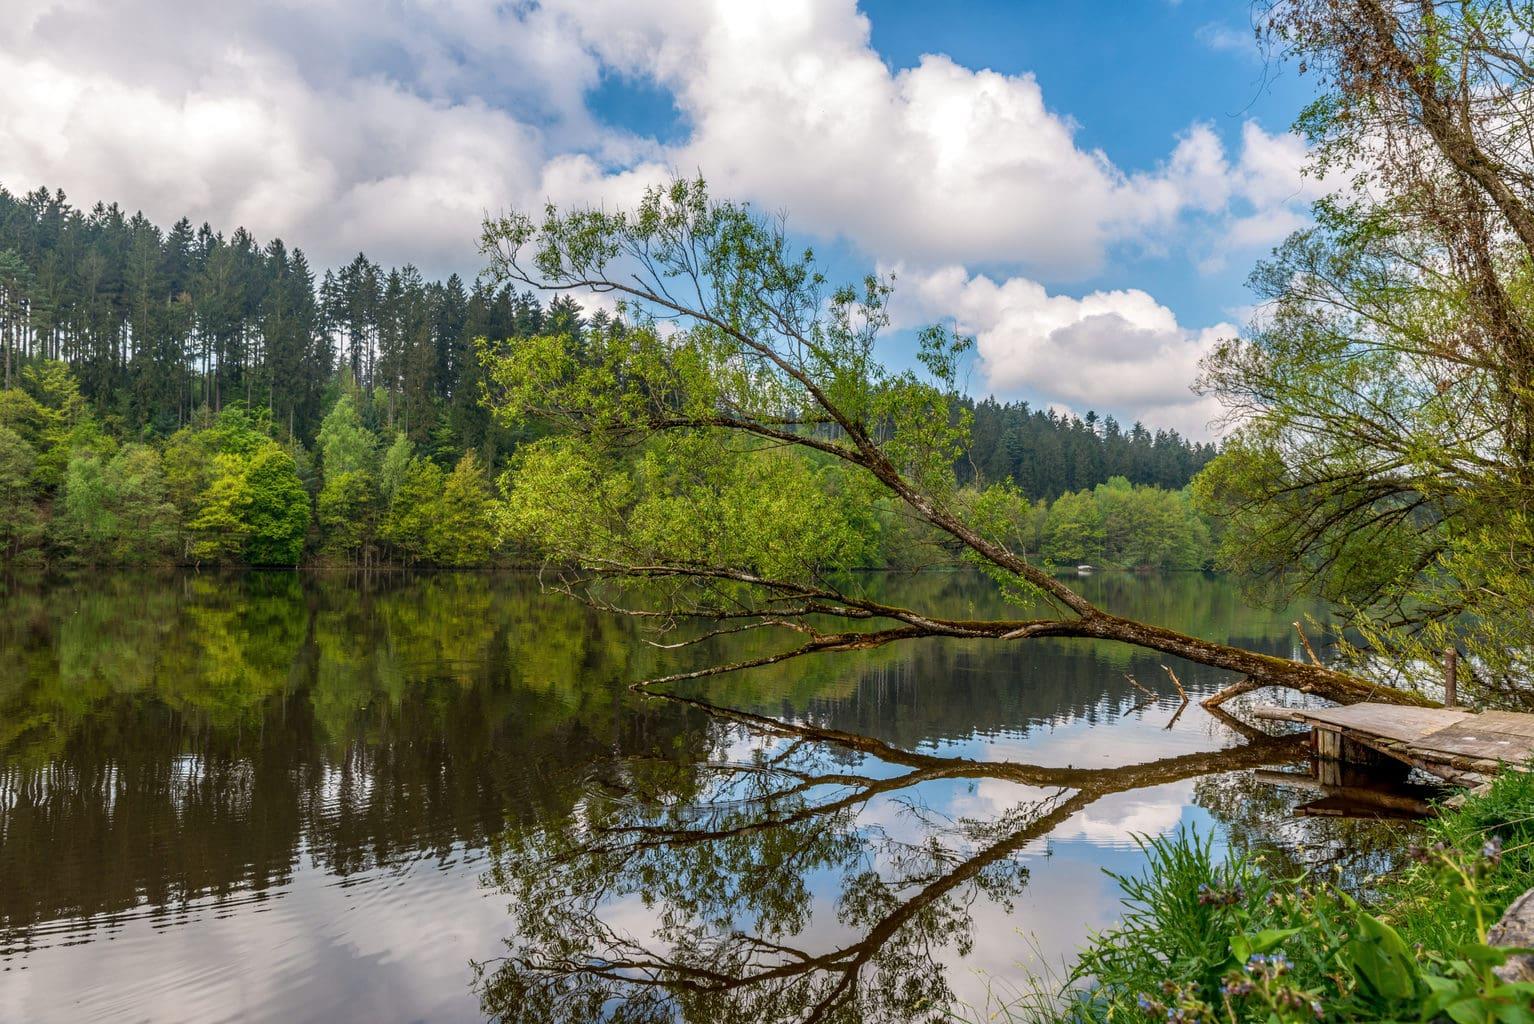 De rivier Ilz met bomen en bos in het Beierse Woud